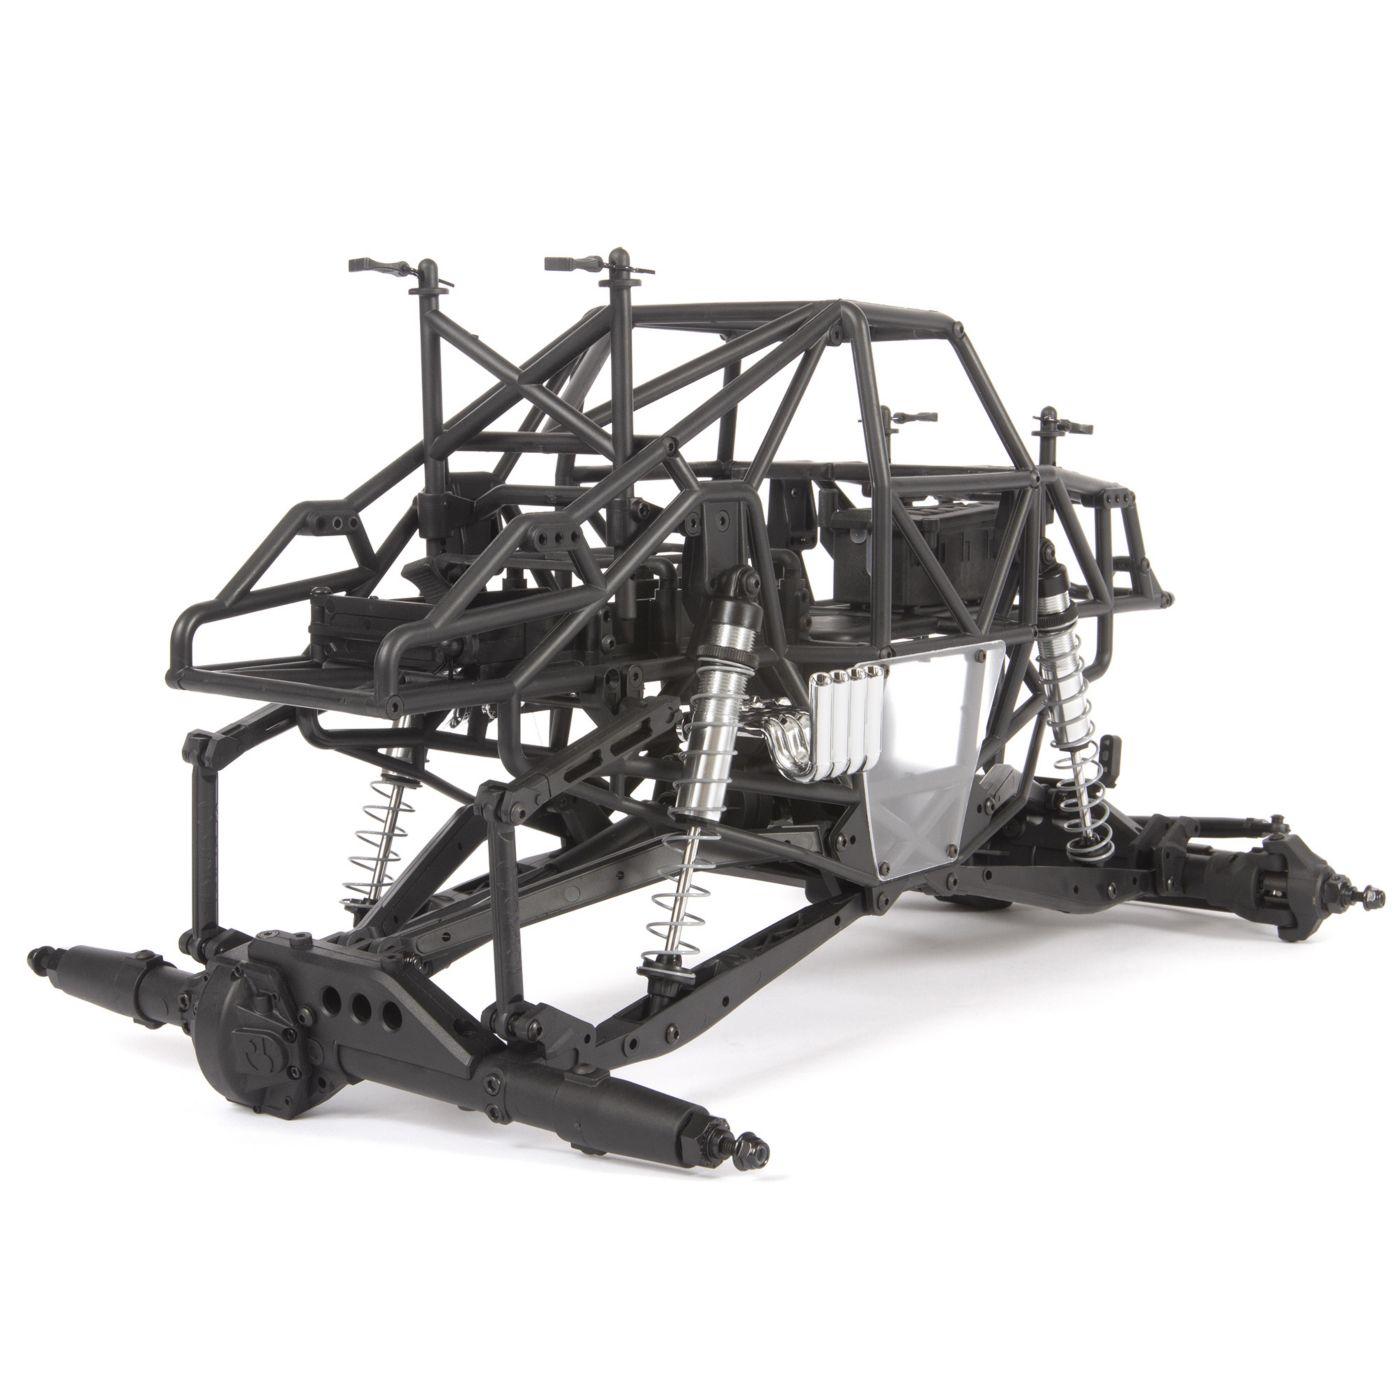 Axial SMT10 Raw Builders Kit - Rear